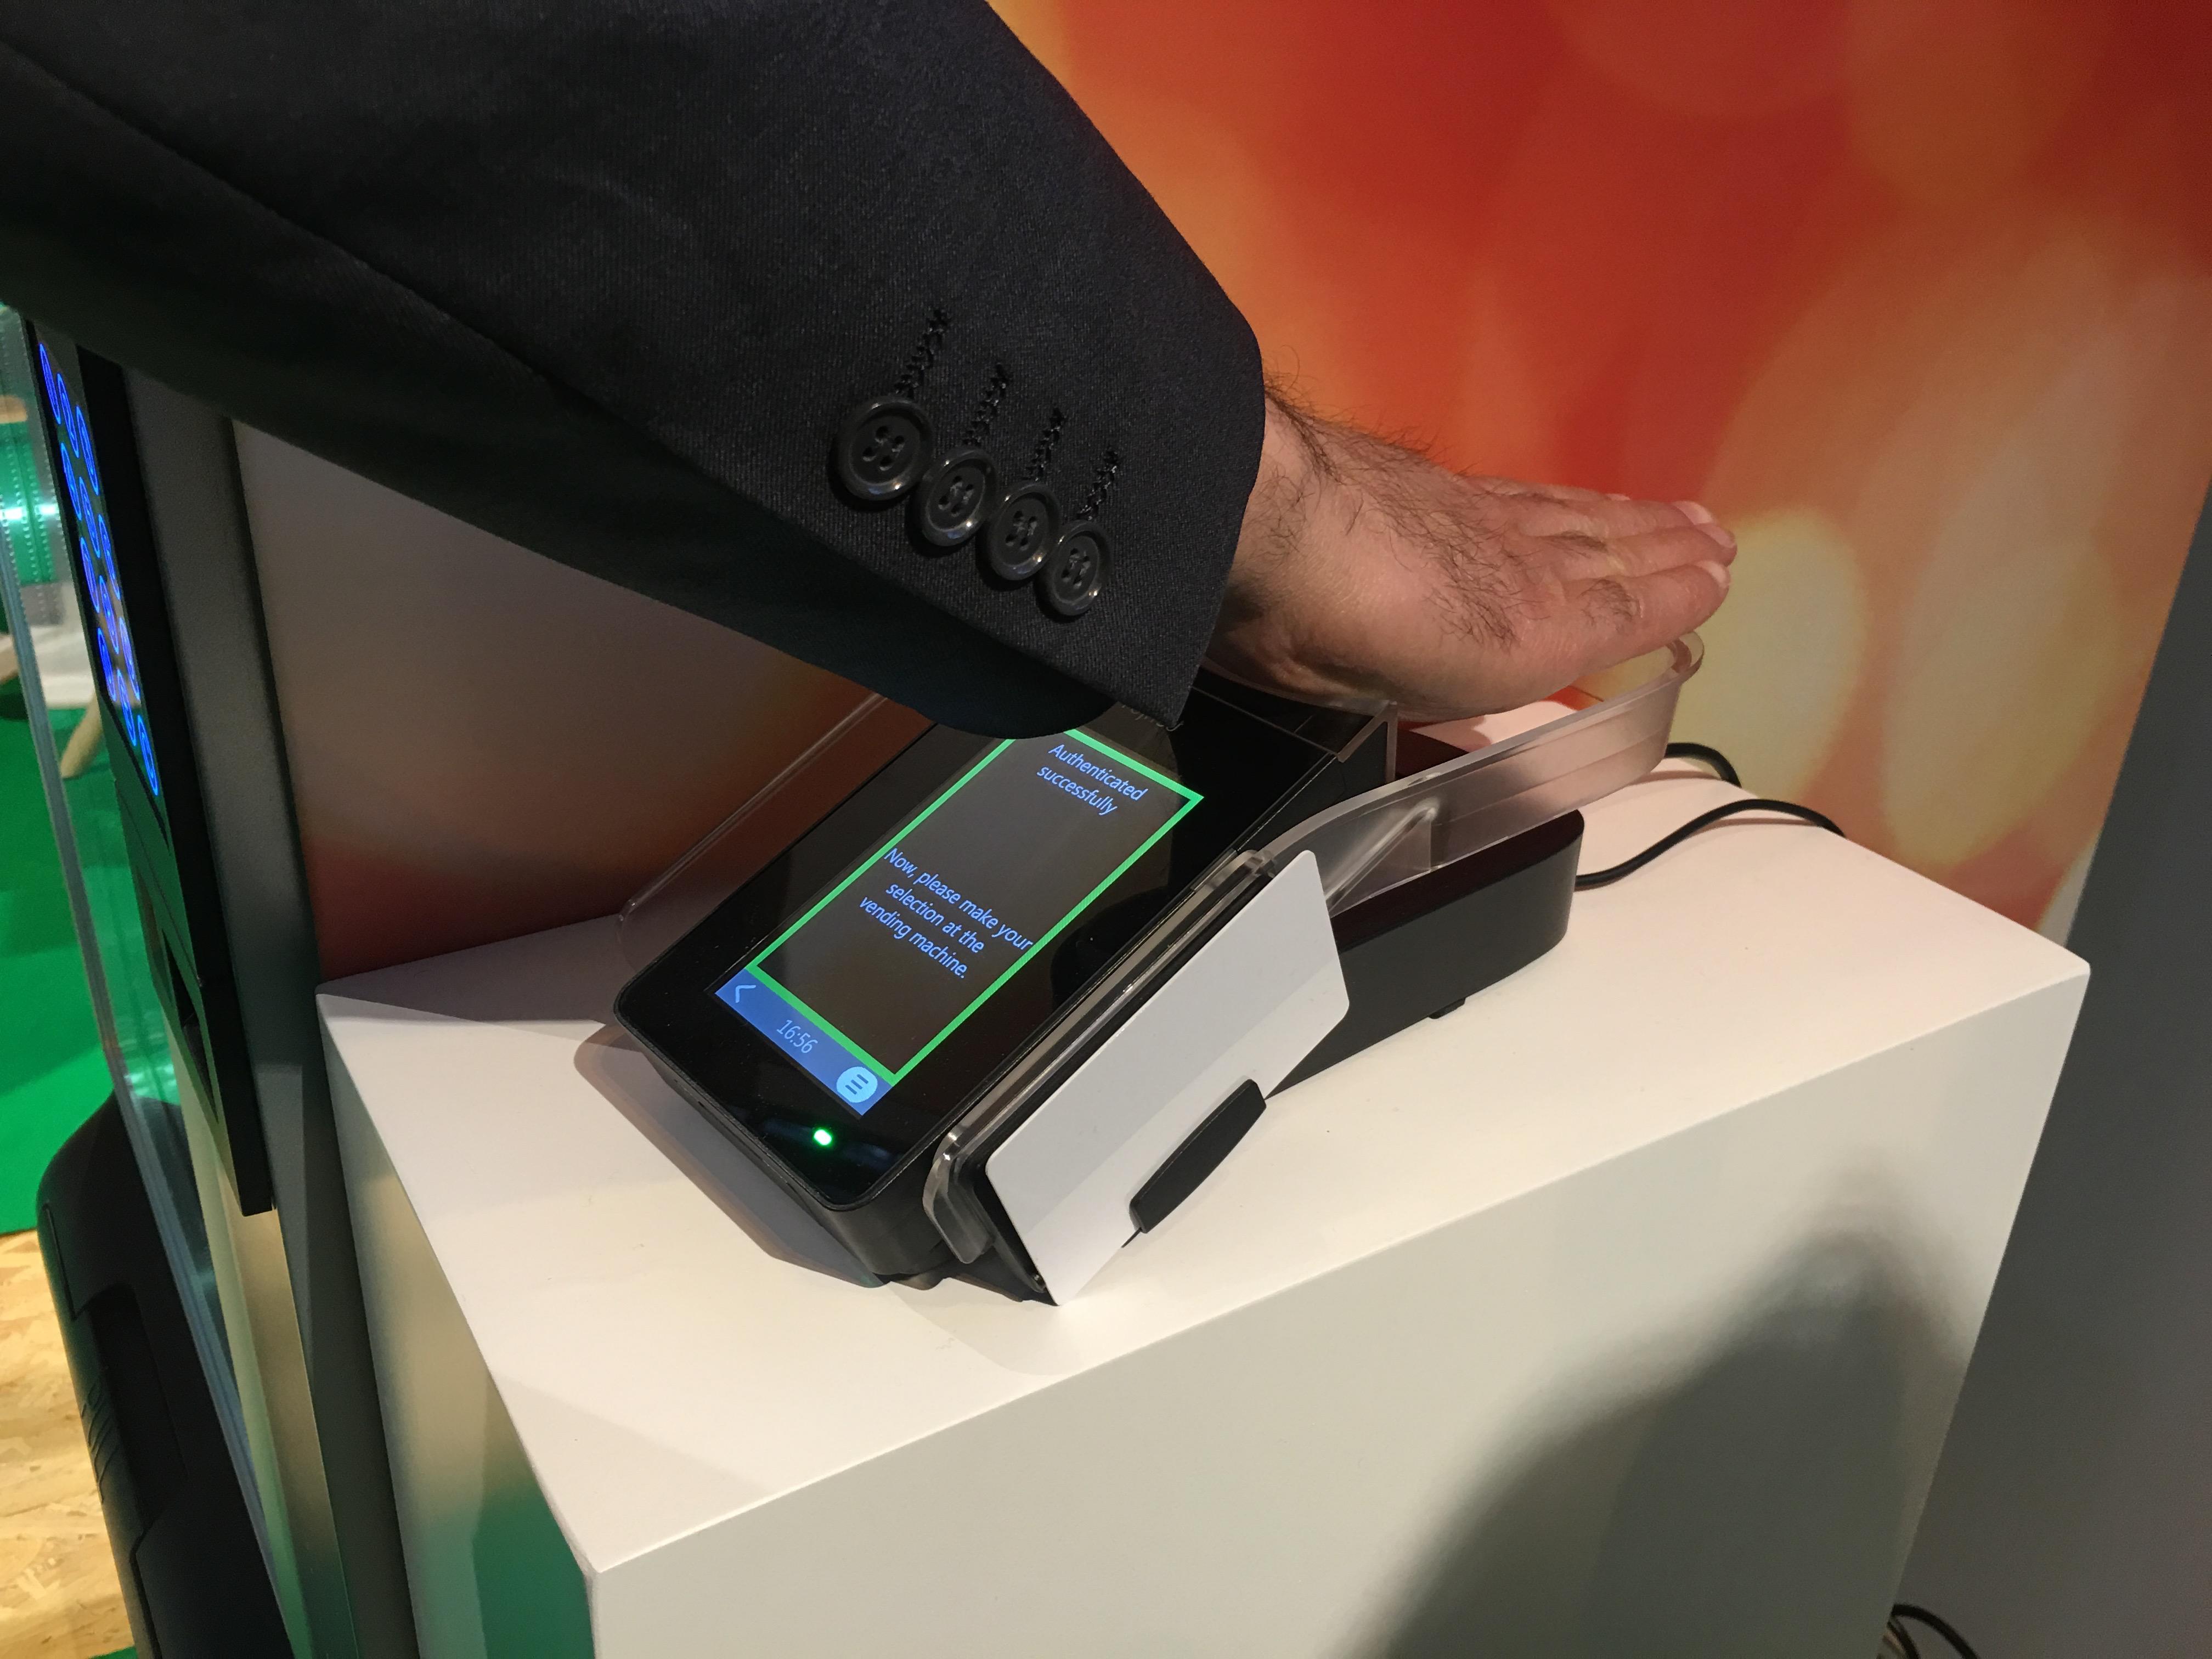 La experiencia de pagar mediante la identificación de las venas de la palma de la mano